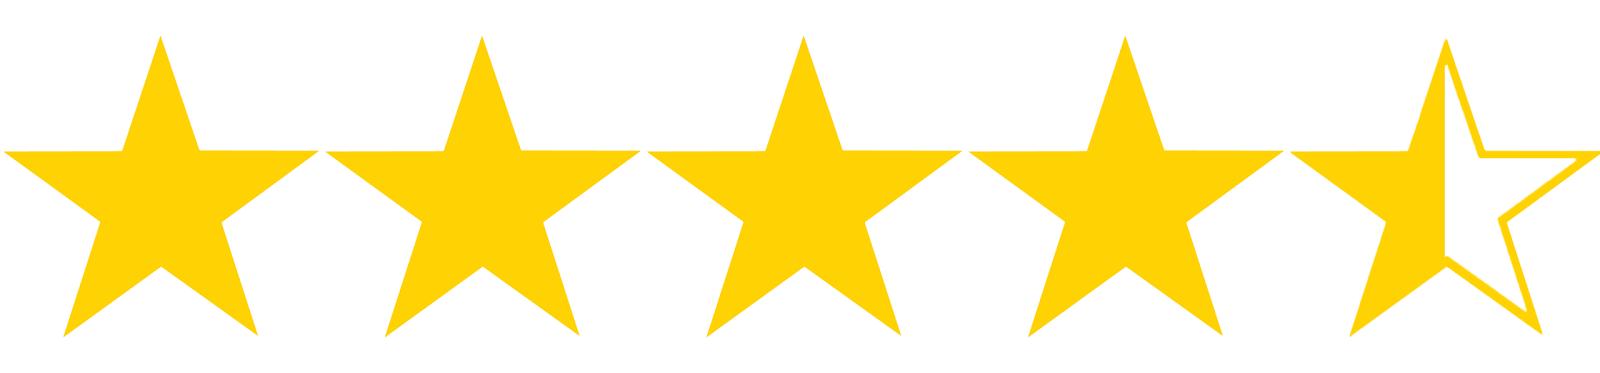 Resultado de imagen para four and a half stars